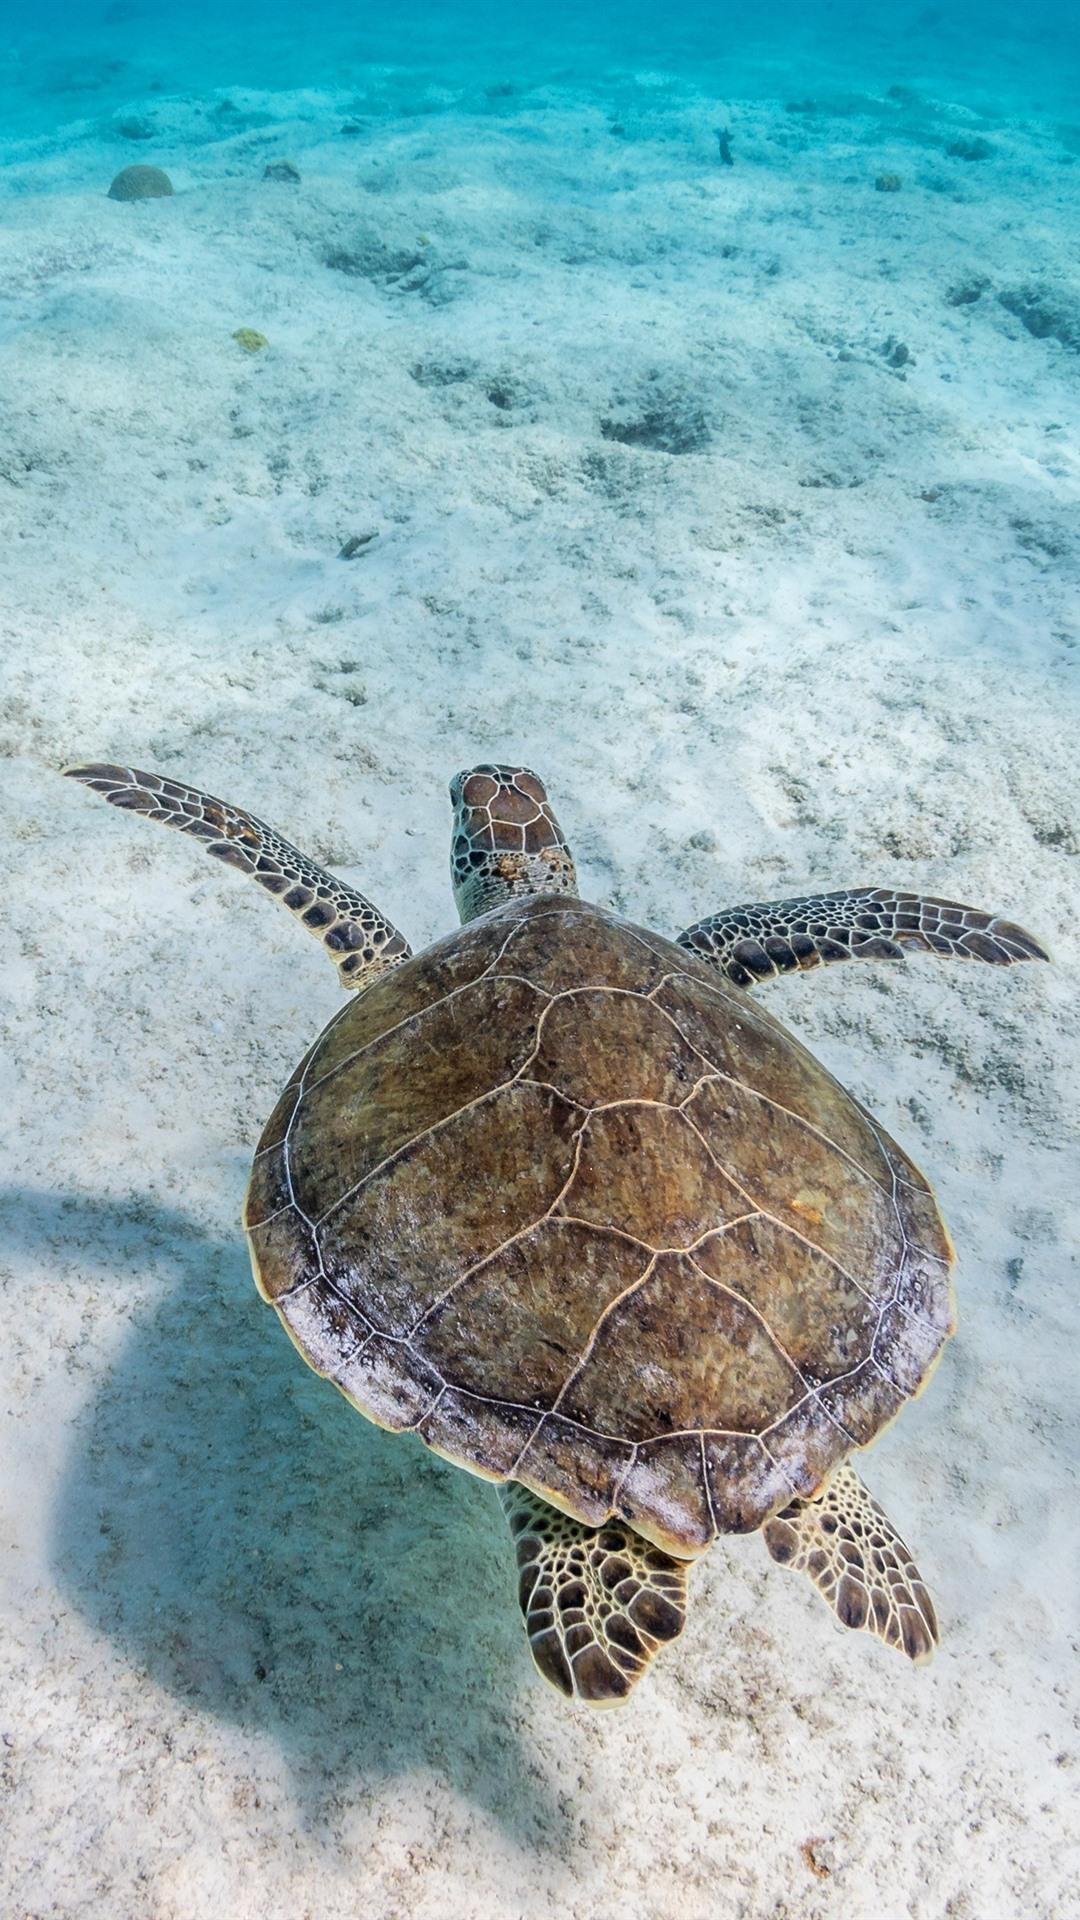 Turtle, underwater, sea, clear water